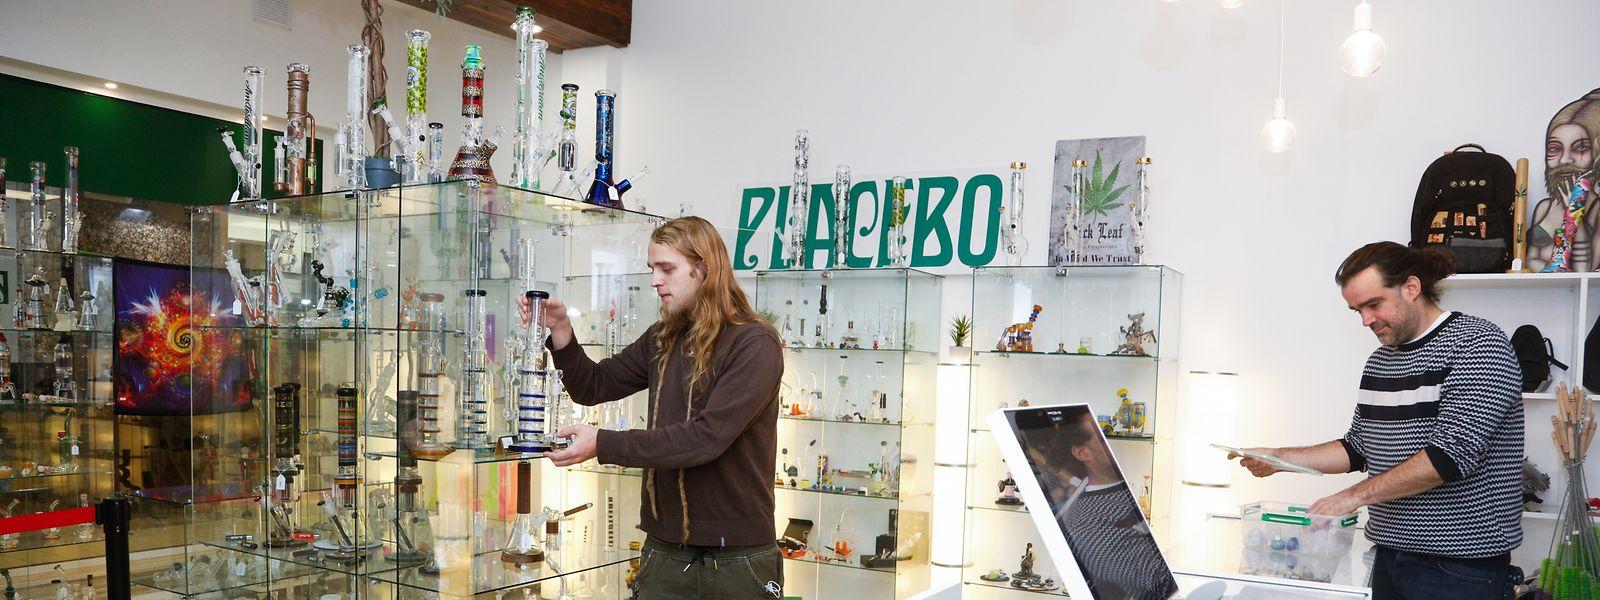 """Das """"Placebo"""" im Bahnhofsviertel ist der älteste CBD-Shop des Landes."""